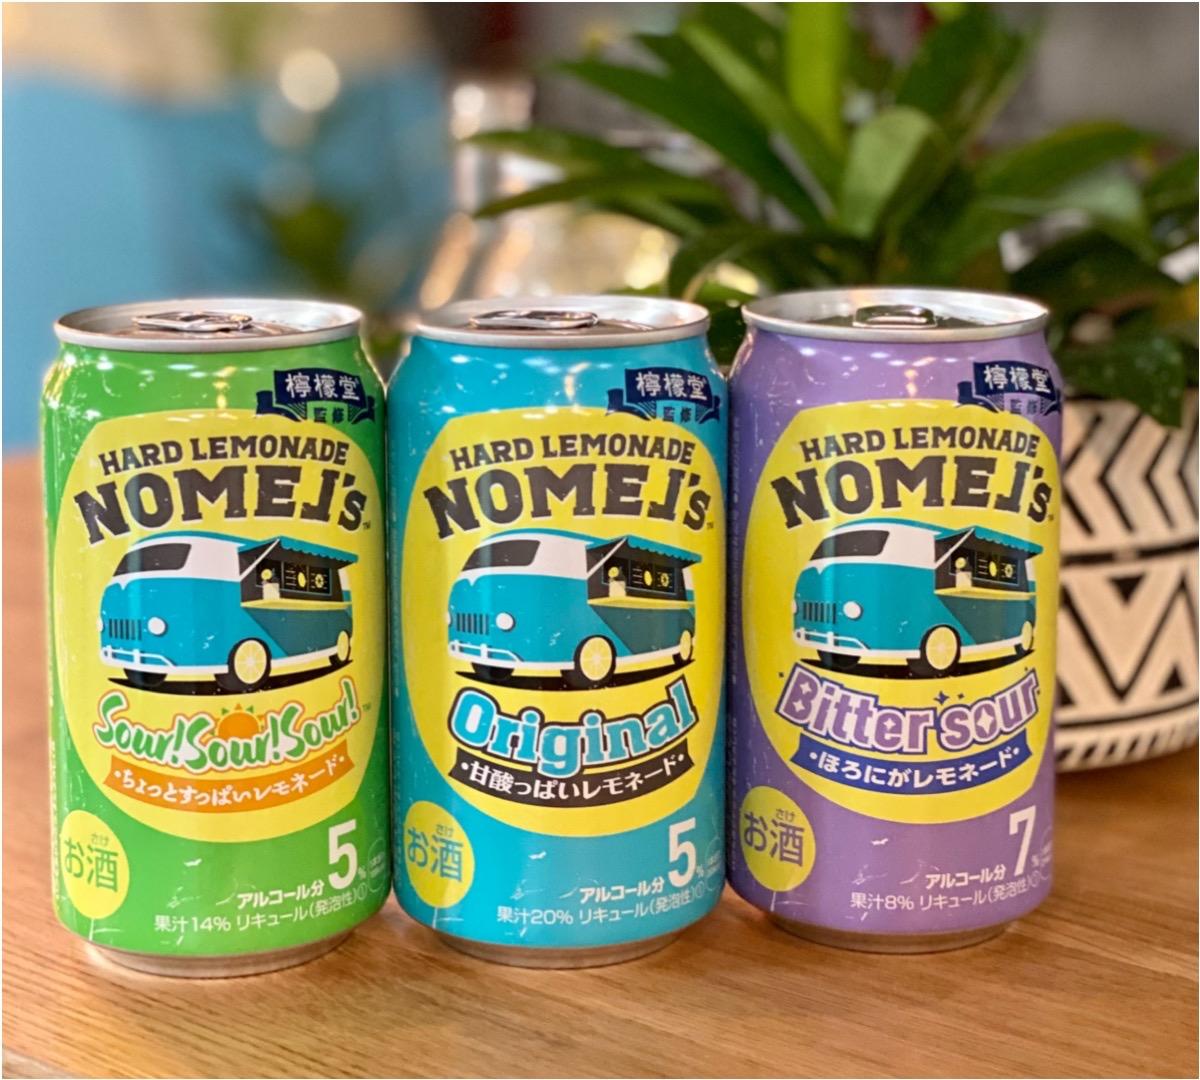 ノメルズ NOMEL's ハードレモネード 日本コカコーラ 新ブランド レモン お酒 おいしい インスタ映え